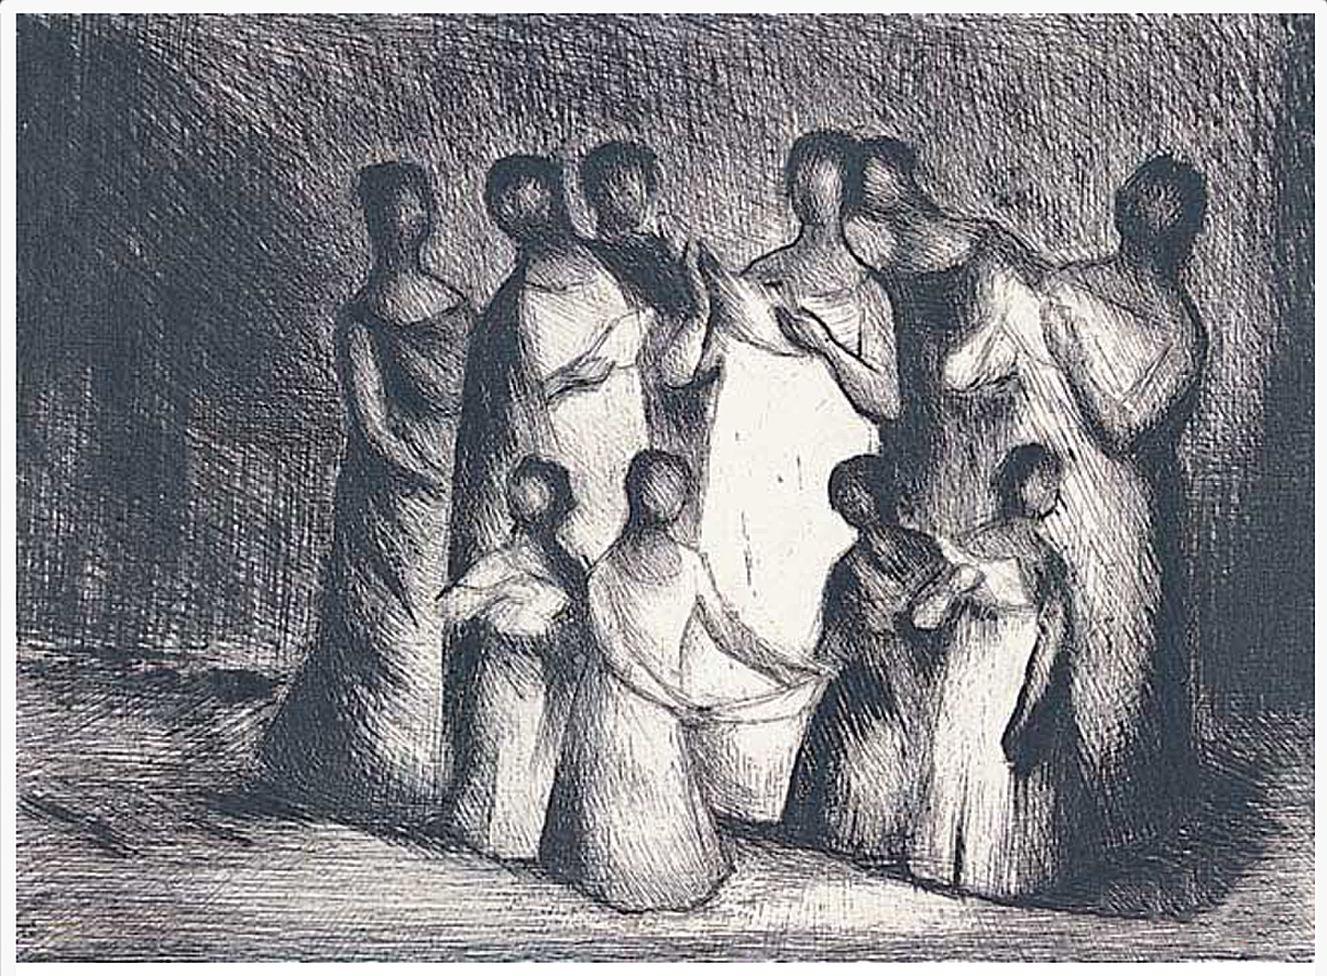 Людвиґ Ліллє. Сцена, 1957